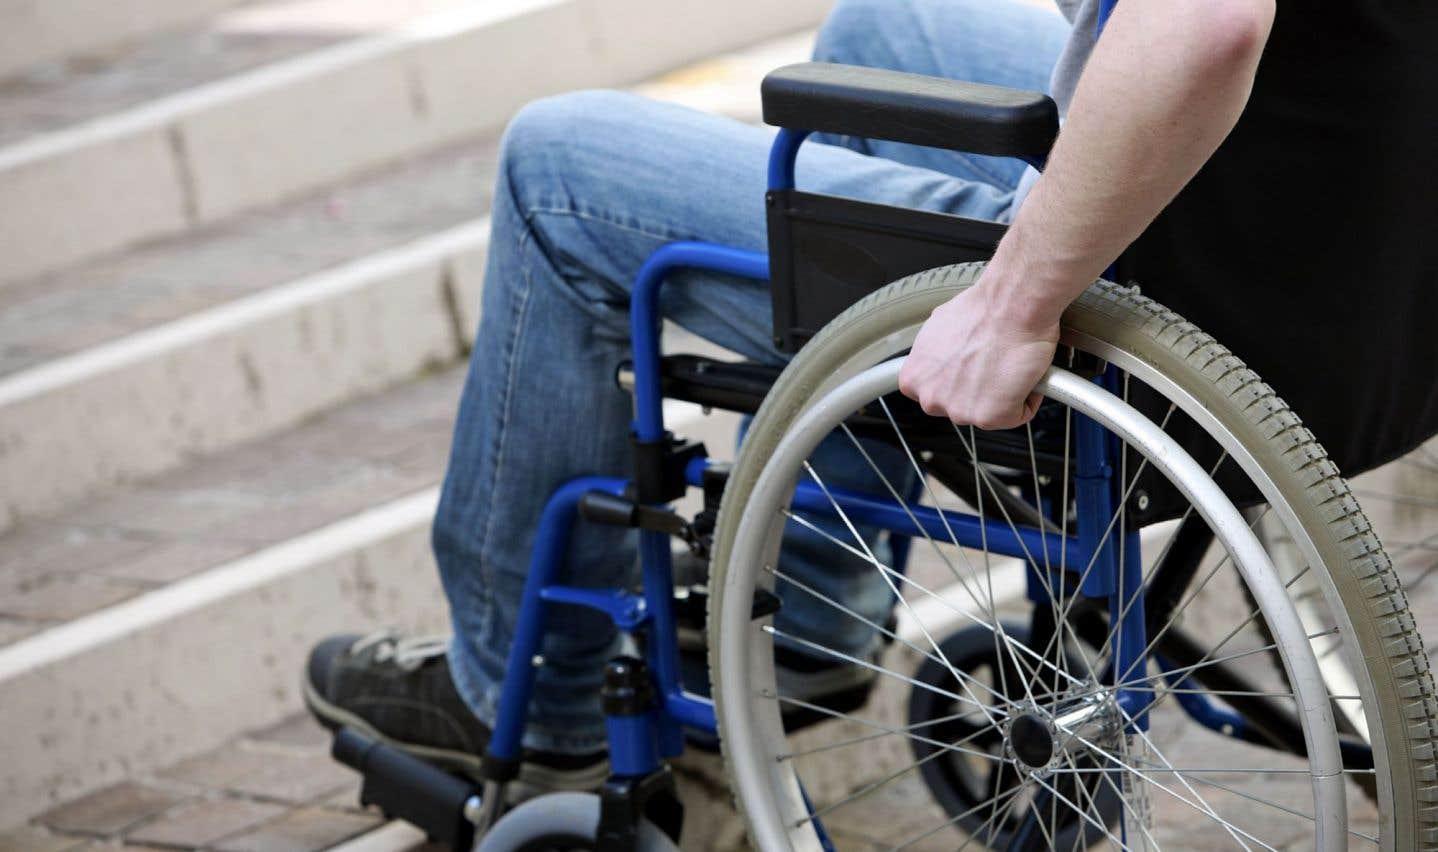 Déficience physique ou sensorielle, incapacité temporaire, troubles d'apprentissage, neurologiques, organiques, de santé mentale… la liste des handicaps auxquels les services adaptés font face aujourd'hui dans le milieu collégial s'est beaucoup élargie.